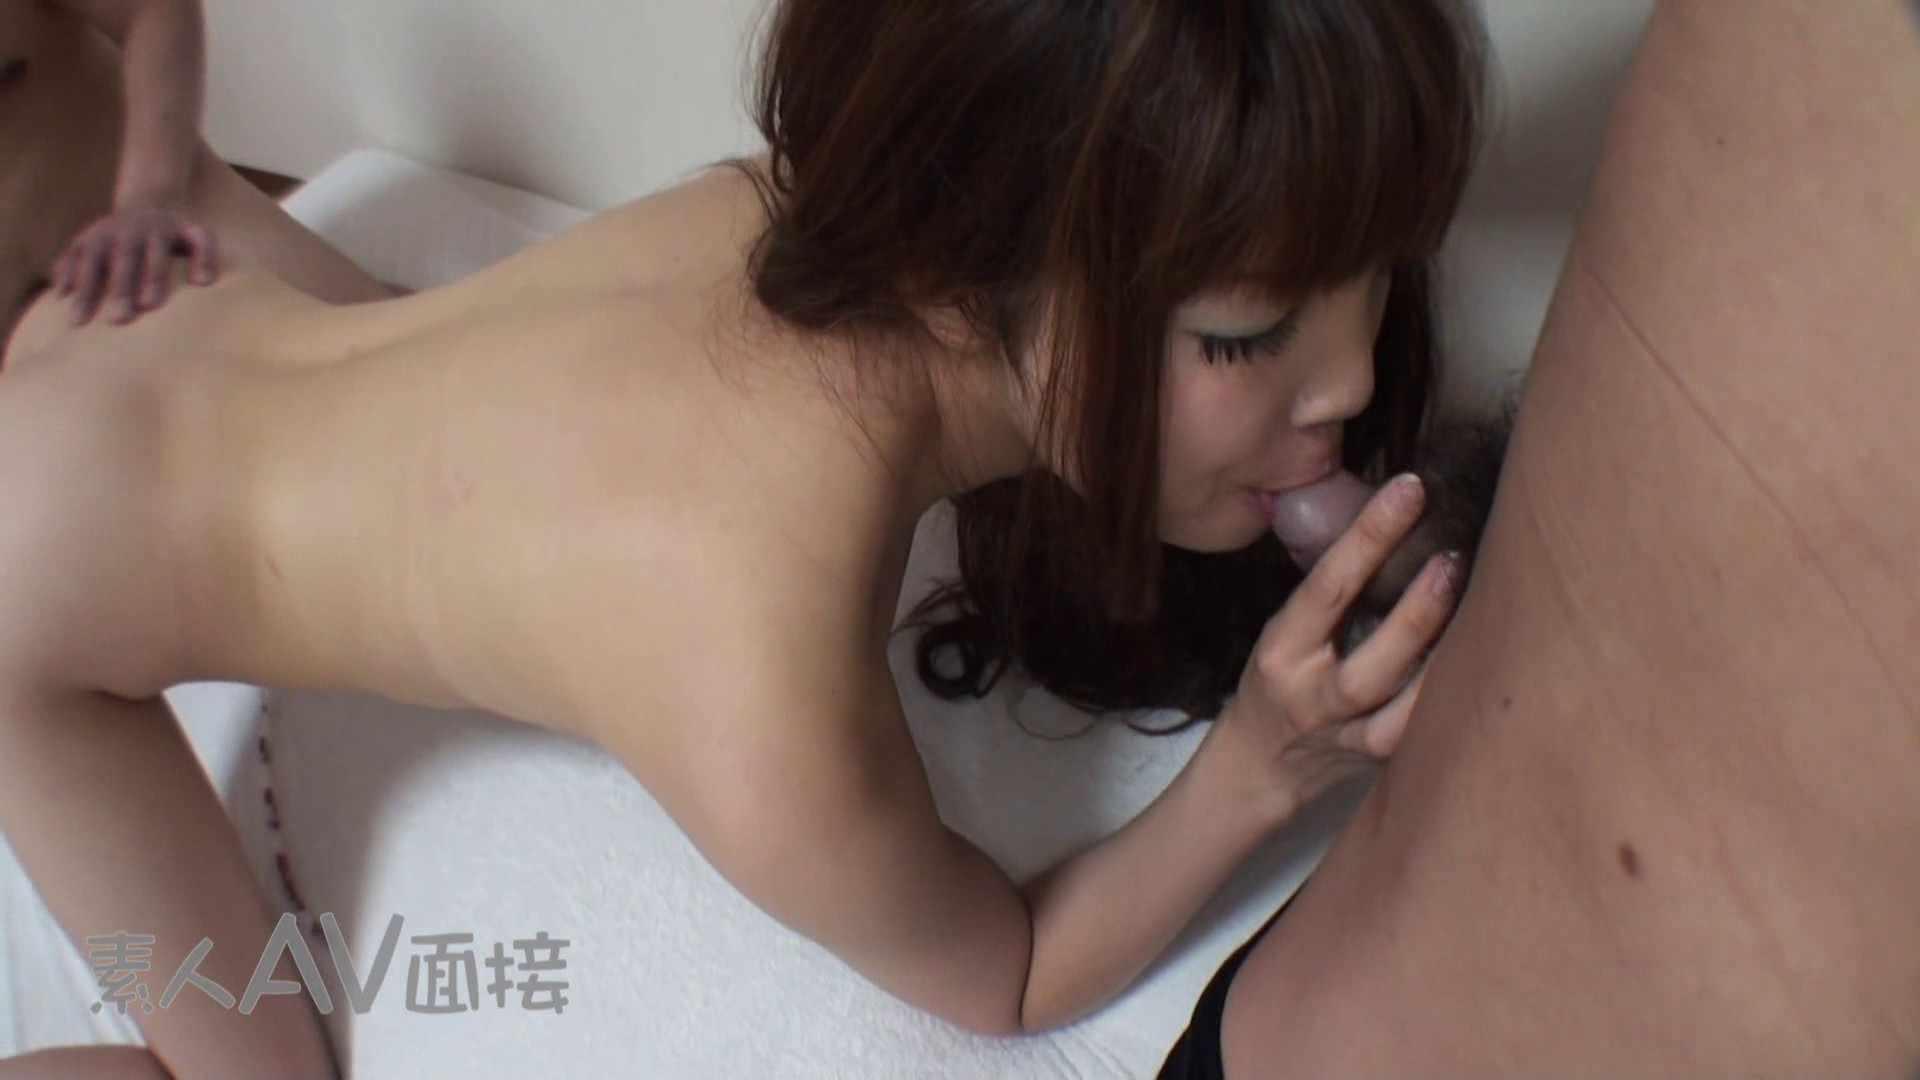 素人嬢がAV面接にやって来た。 仮名有花(ゆか)vol.4  エッチな素人 おめこ無修正画像 108枚 68